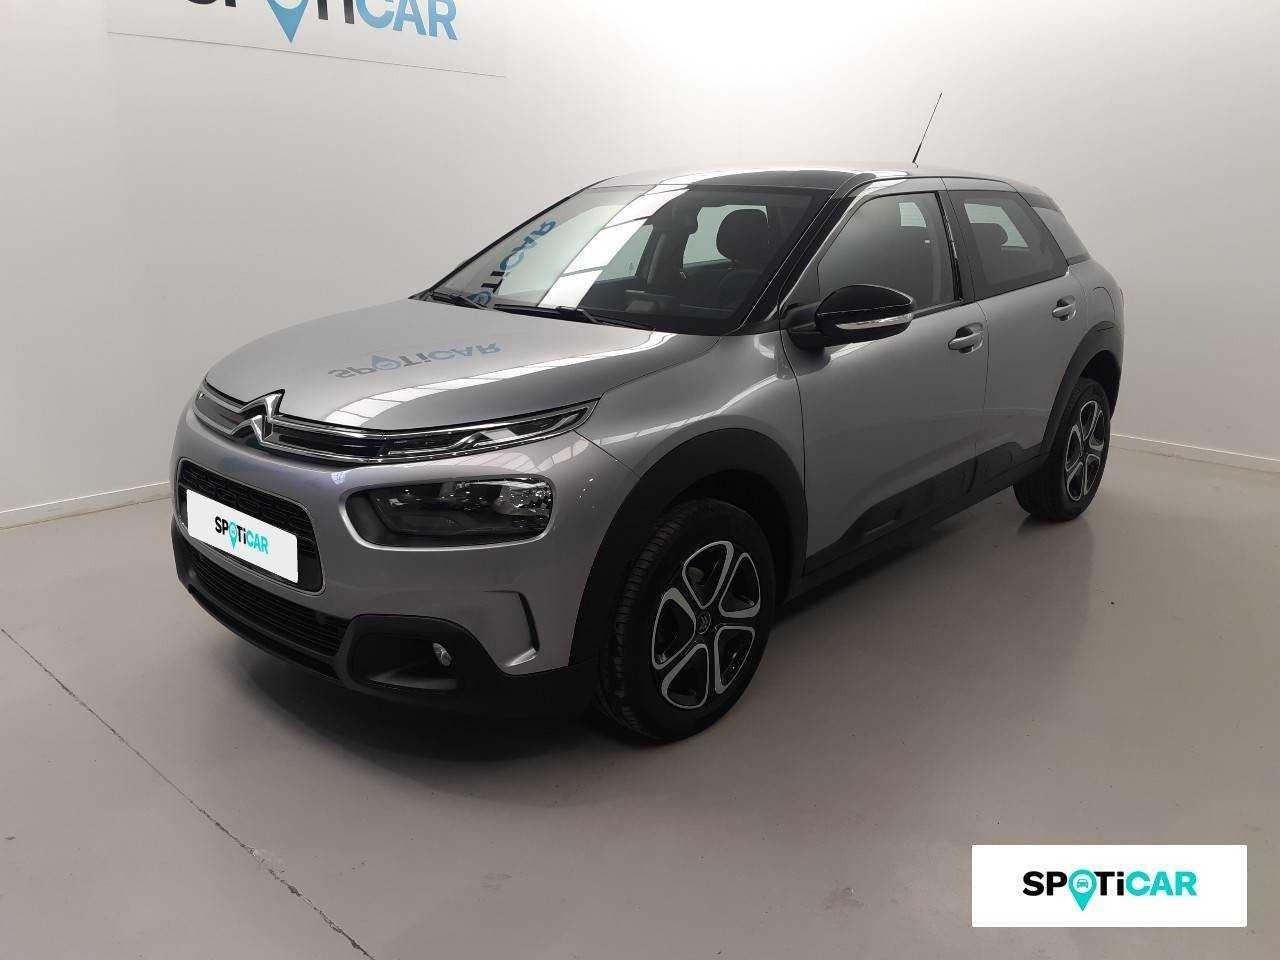 Citroën C4 Cactus ocasión segunda mano 2020 Diésel por 16.500€ en Valencia